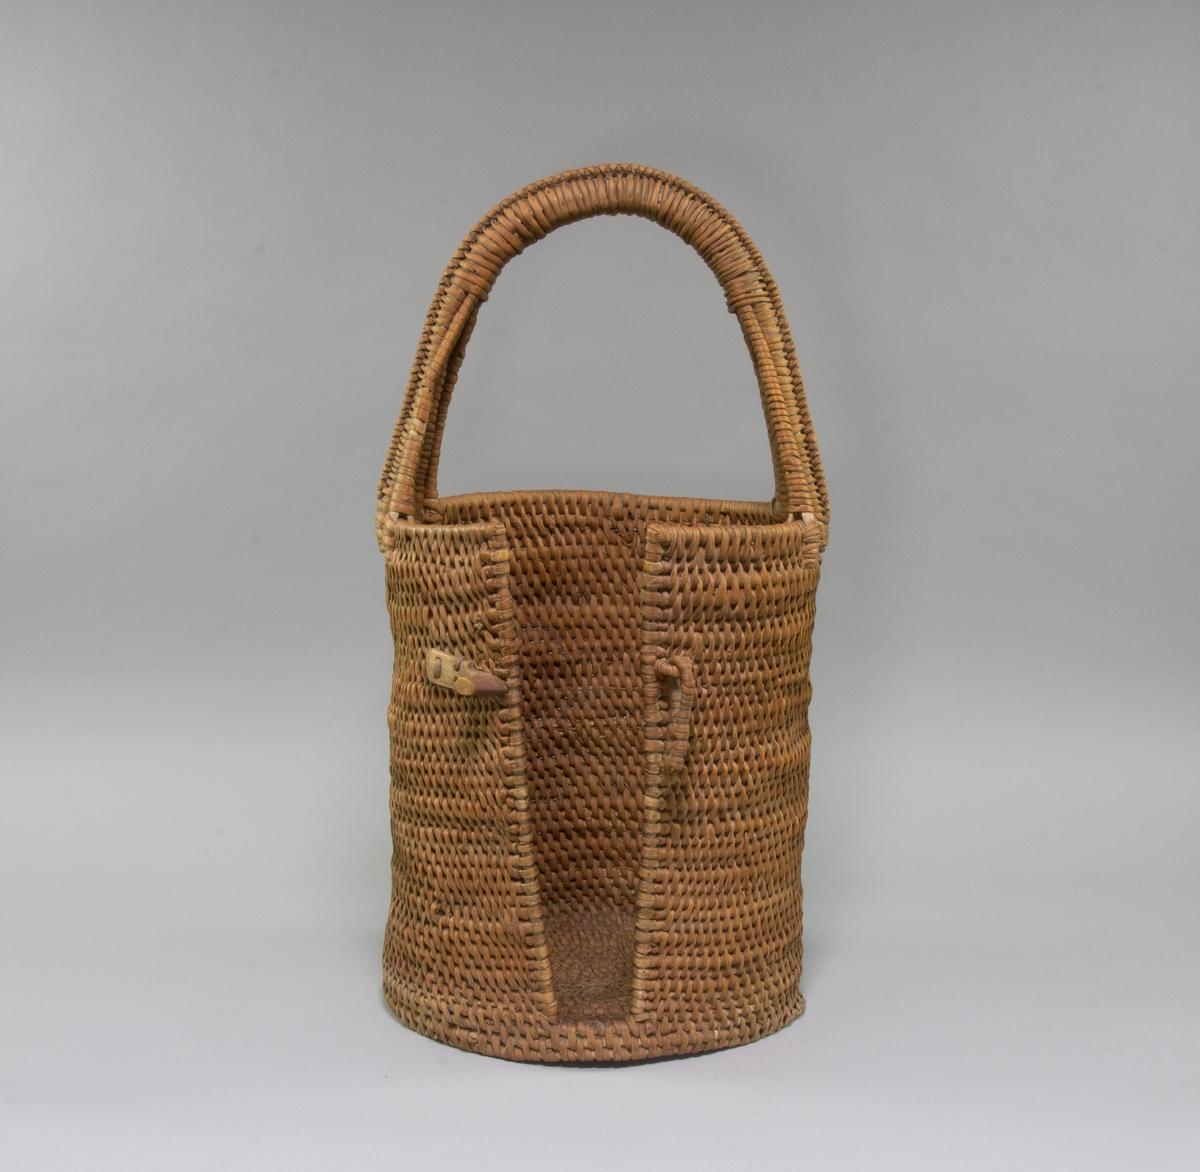 Korg för att bära tallrikar, cylindrisk, flätad av rottågor.  Långsmal öppning i ena sidan, tvärgående tredelad grepe, upptill överklädd till ett grepp. Vid öppningen låsanordning av trä och rottågor, avbruten.